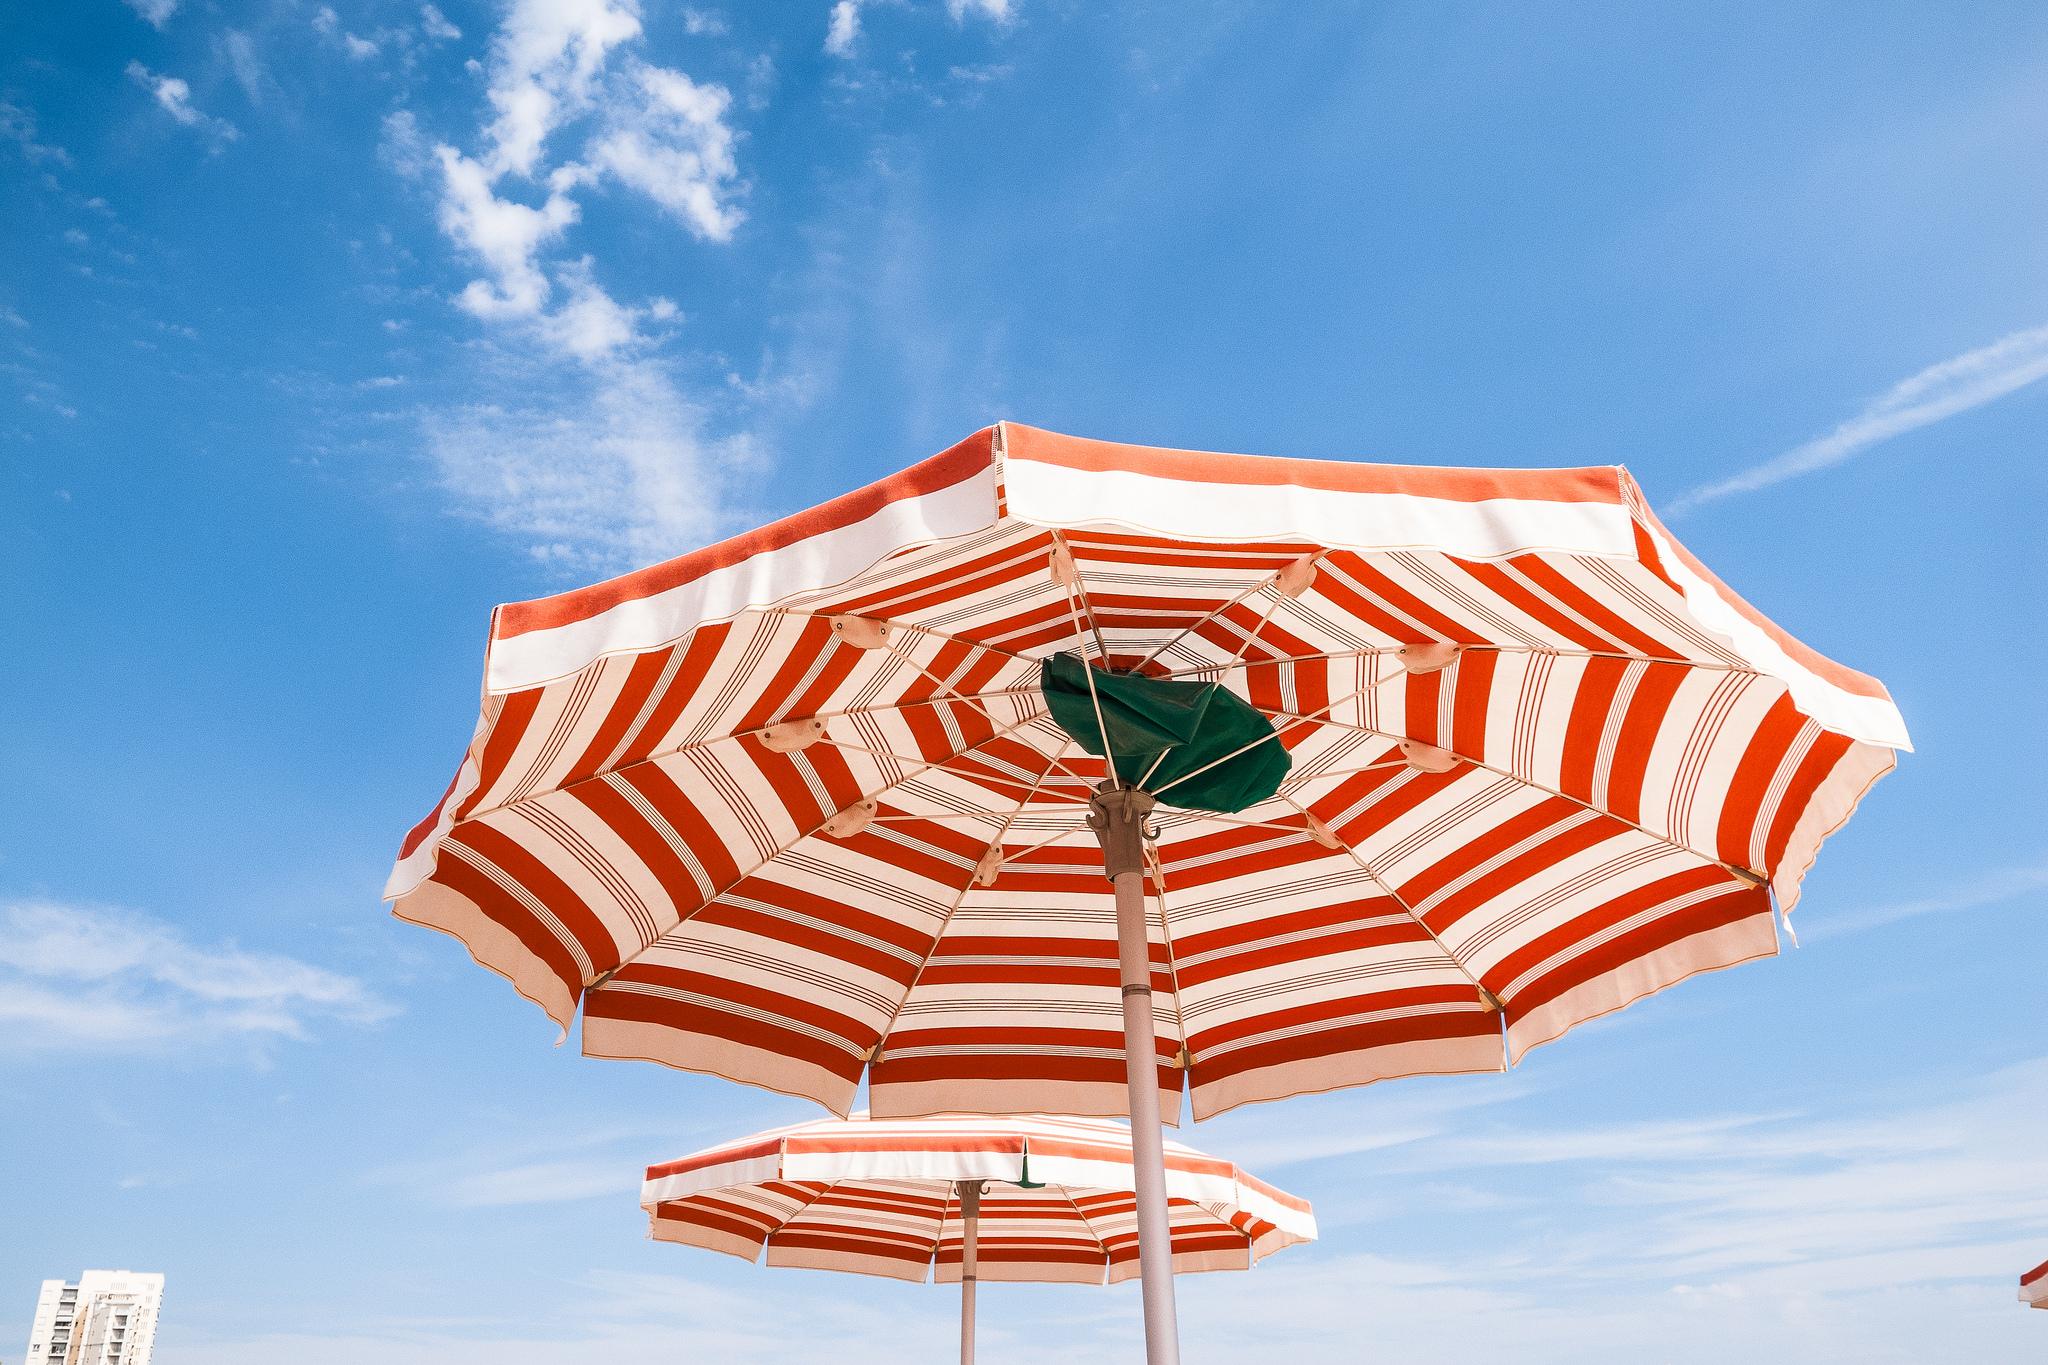 Романтичен уикенд в Поморие през април и май: хотел Зевс!